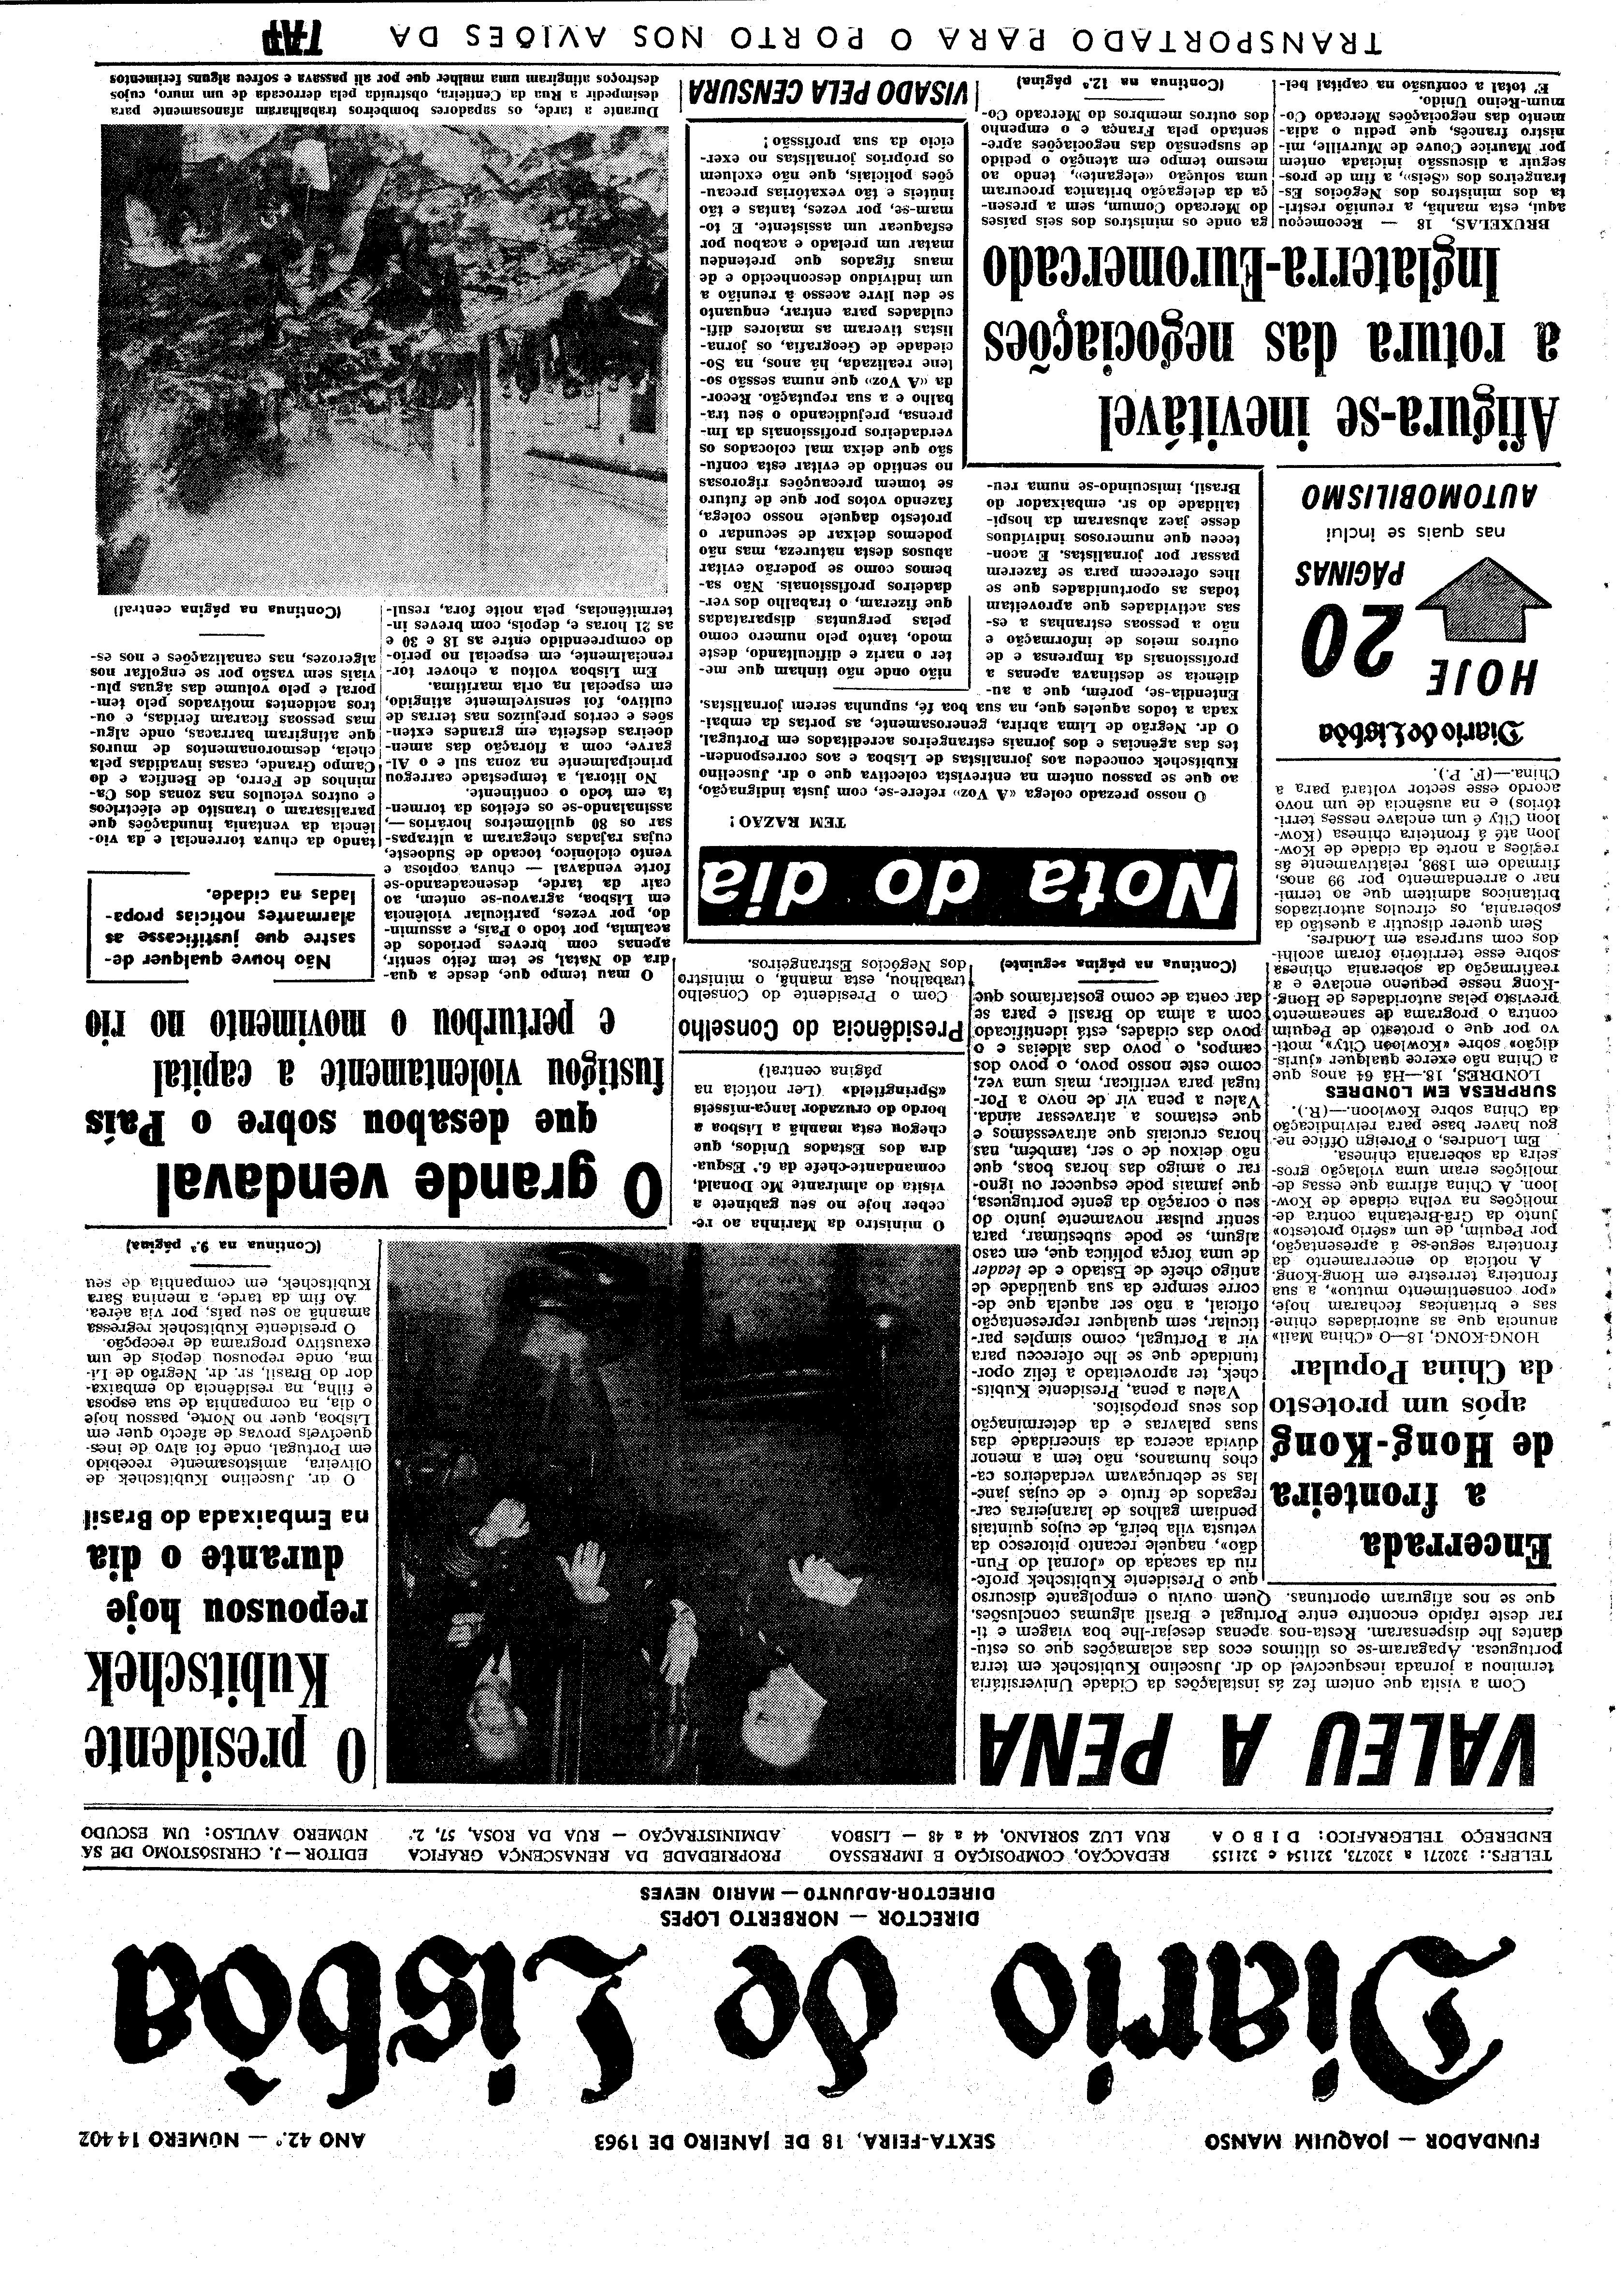 06547.085.18139- pag.1